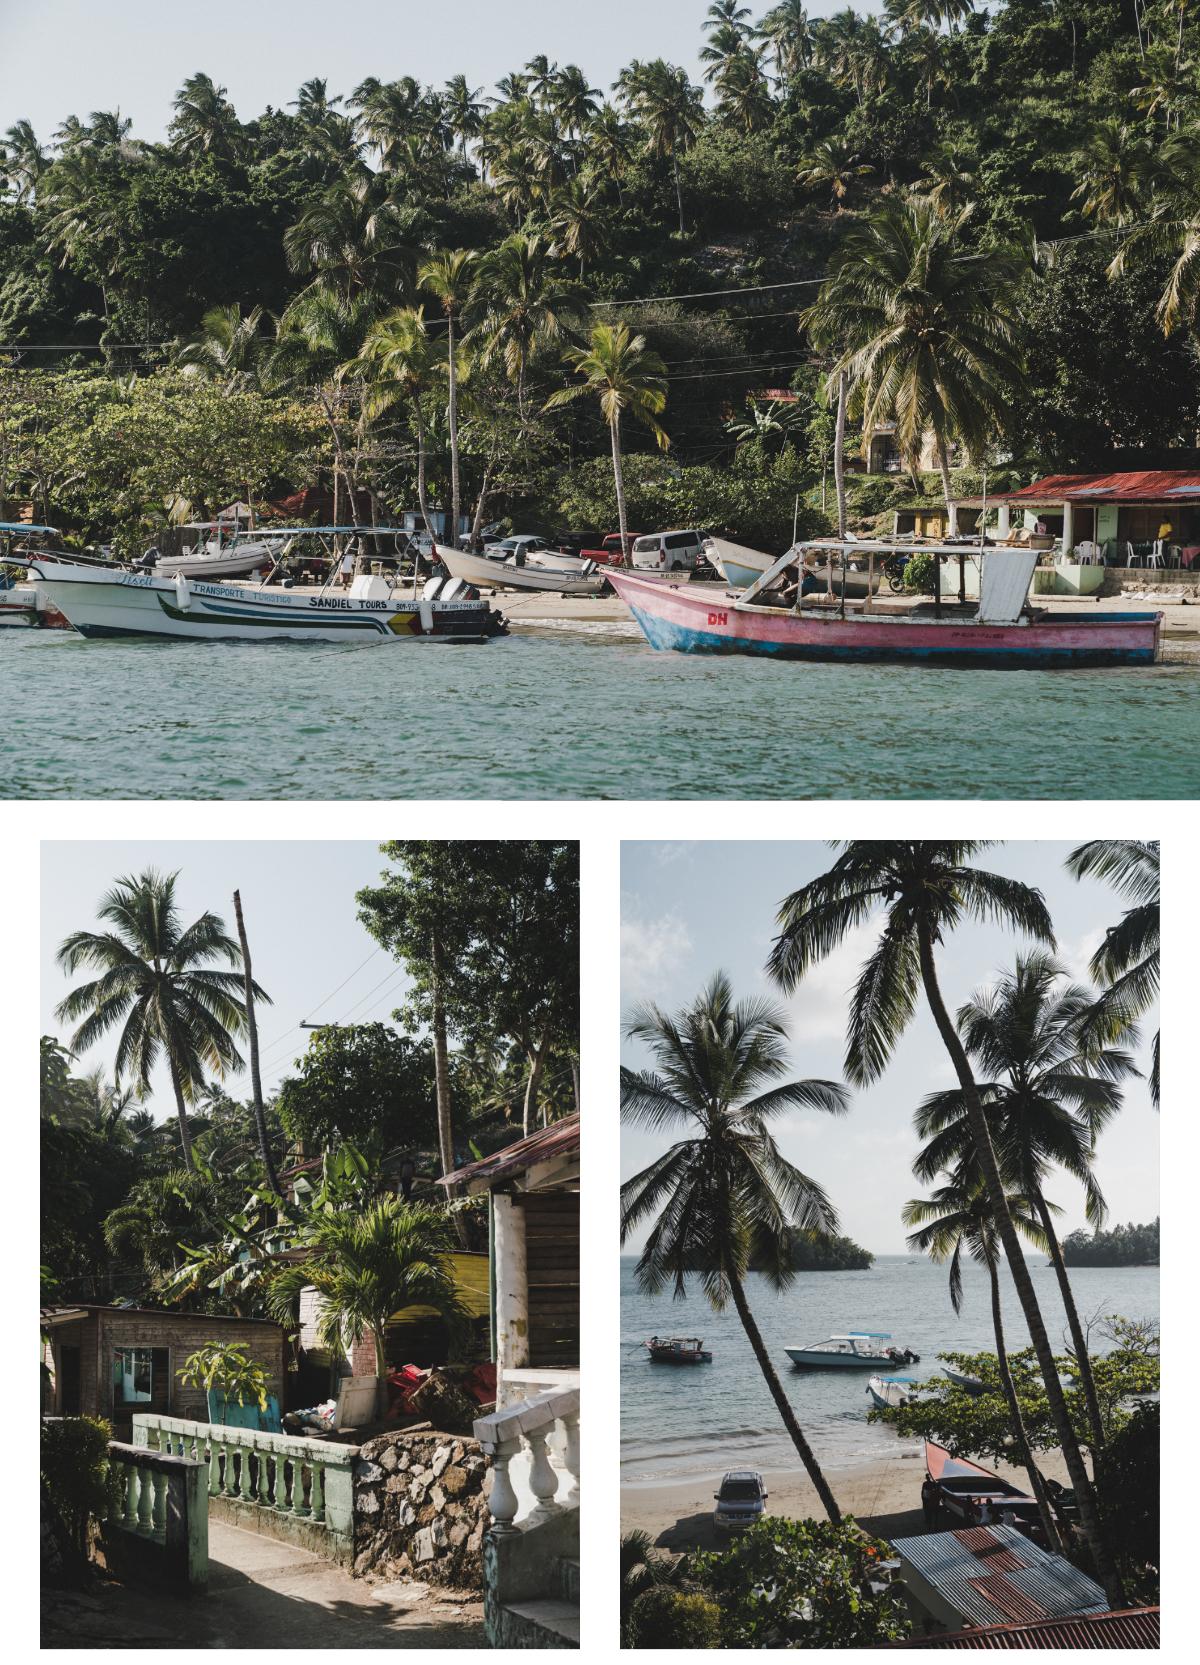 Voyage en République Dominicaine, village de pêcheurs